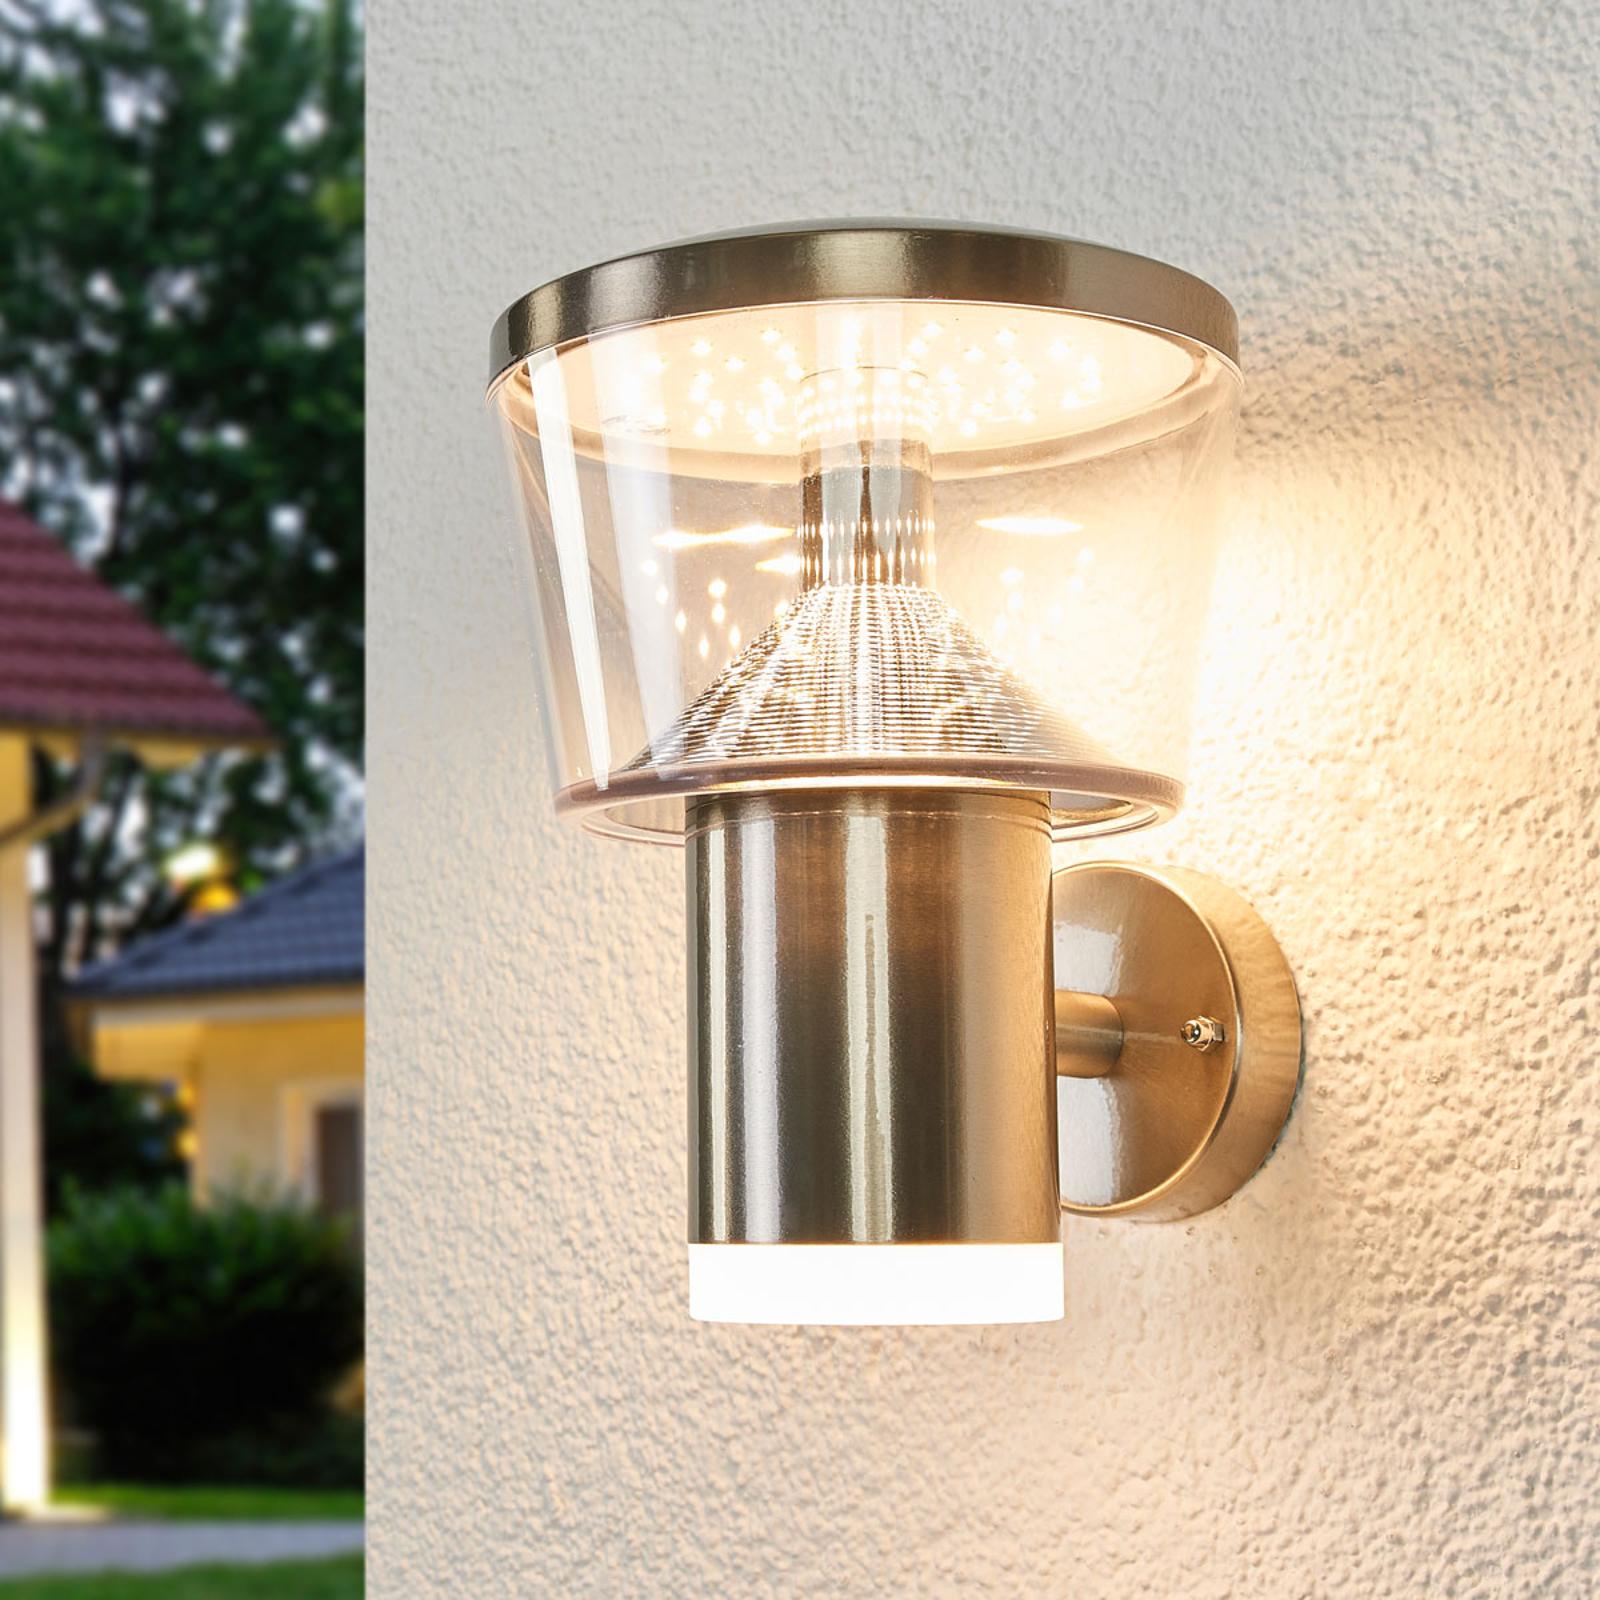 Kinkiet zewnętrzny LED Antje ze stali szlachetnej